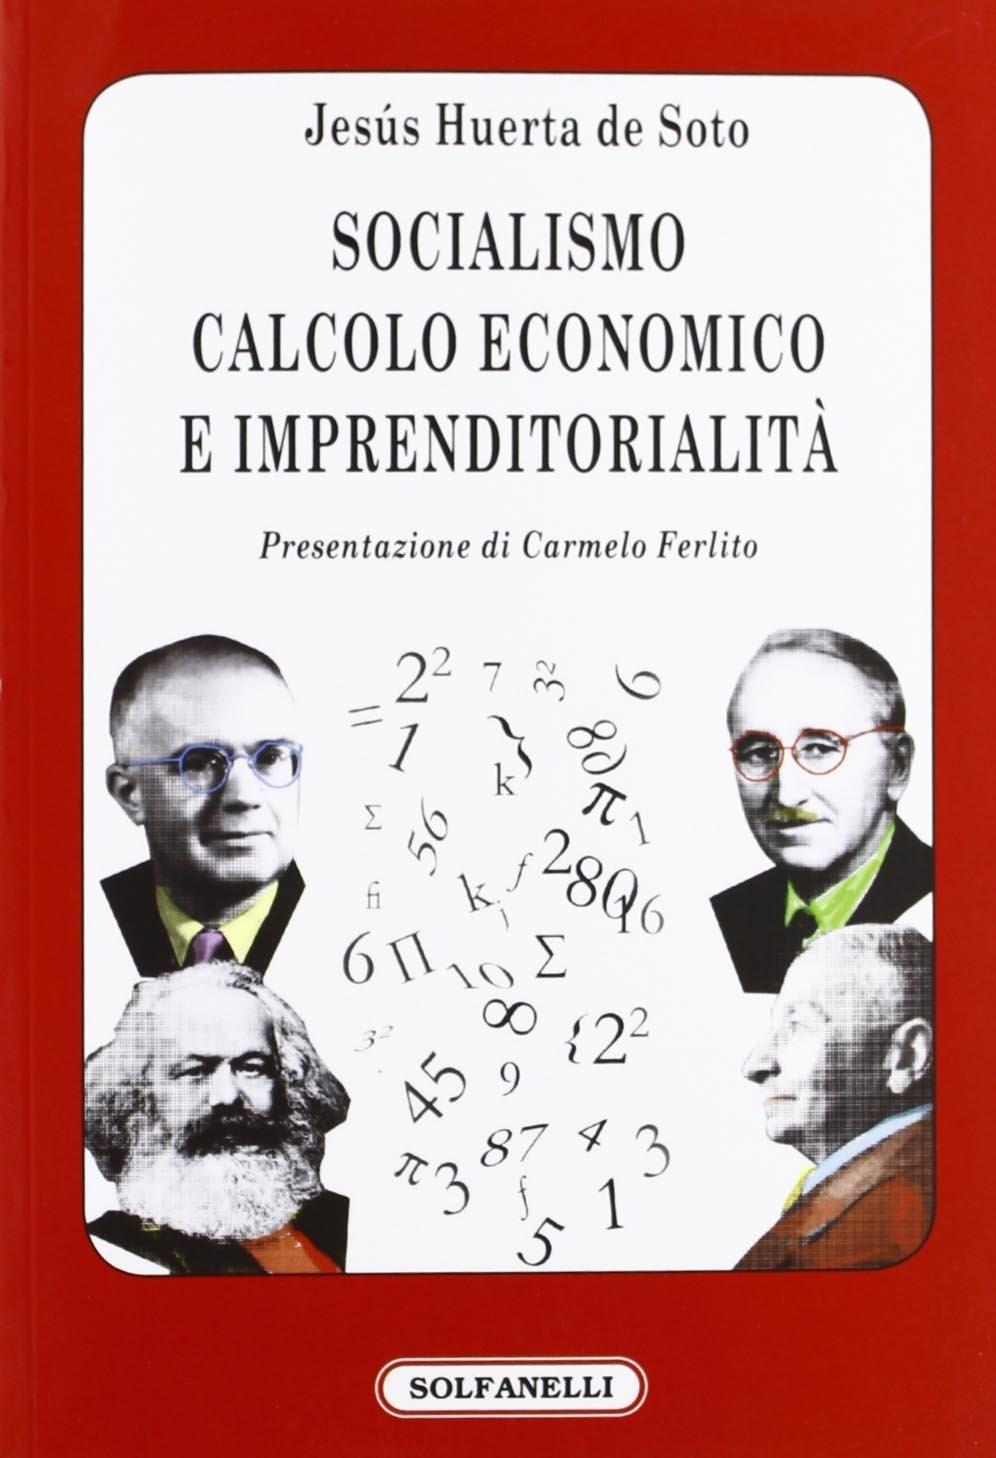 Socialismo, calcolo economico e imprenditorialità